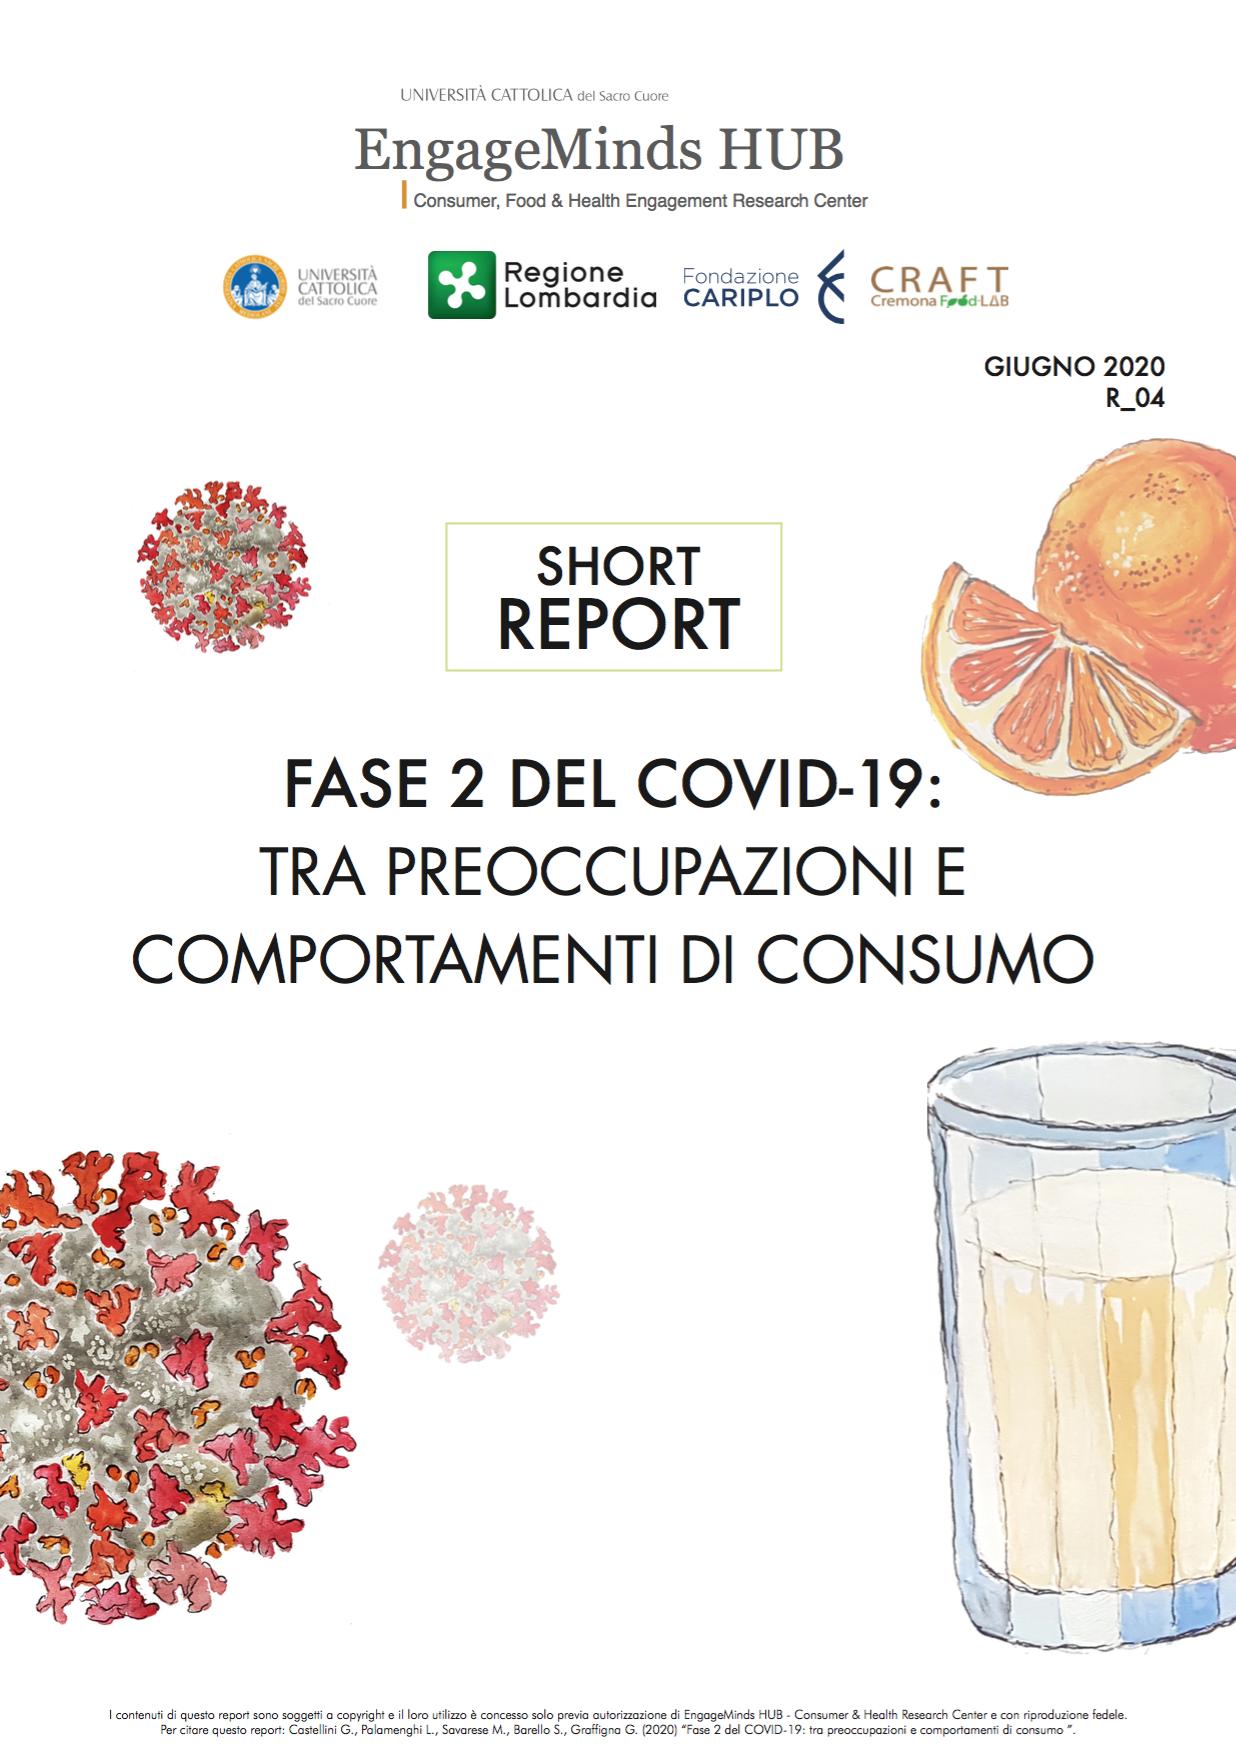 FASE 2 DEL COVID-19